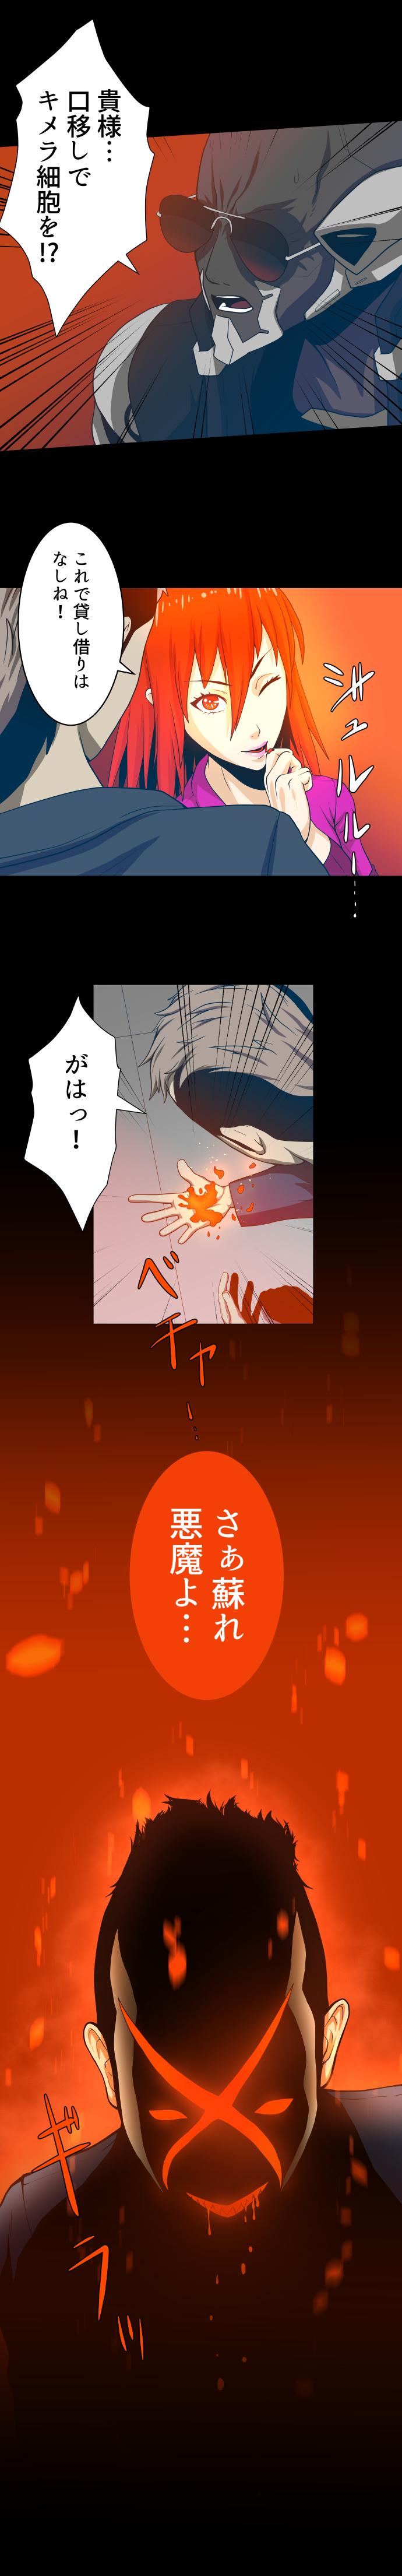 #52 悪魔の恩返し